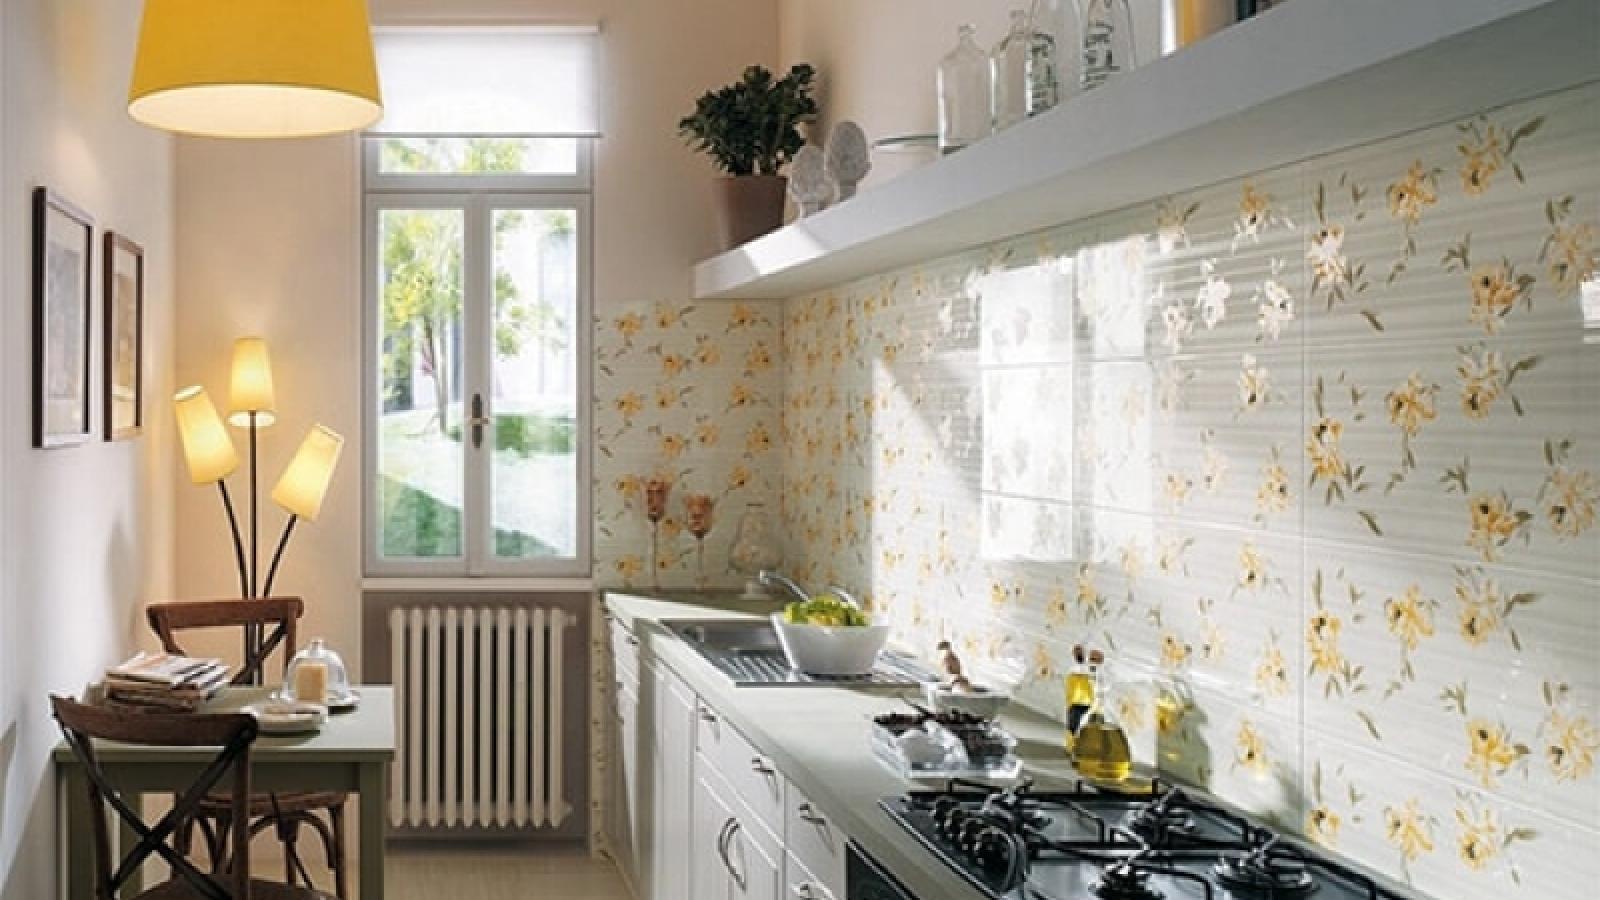 5 mẹo trang trí giúp căn bếp trông rộng hơn